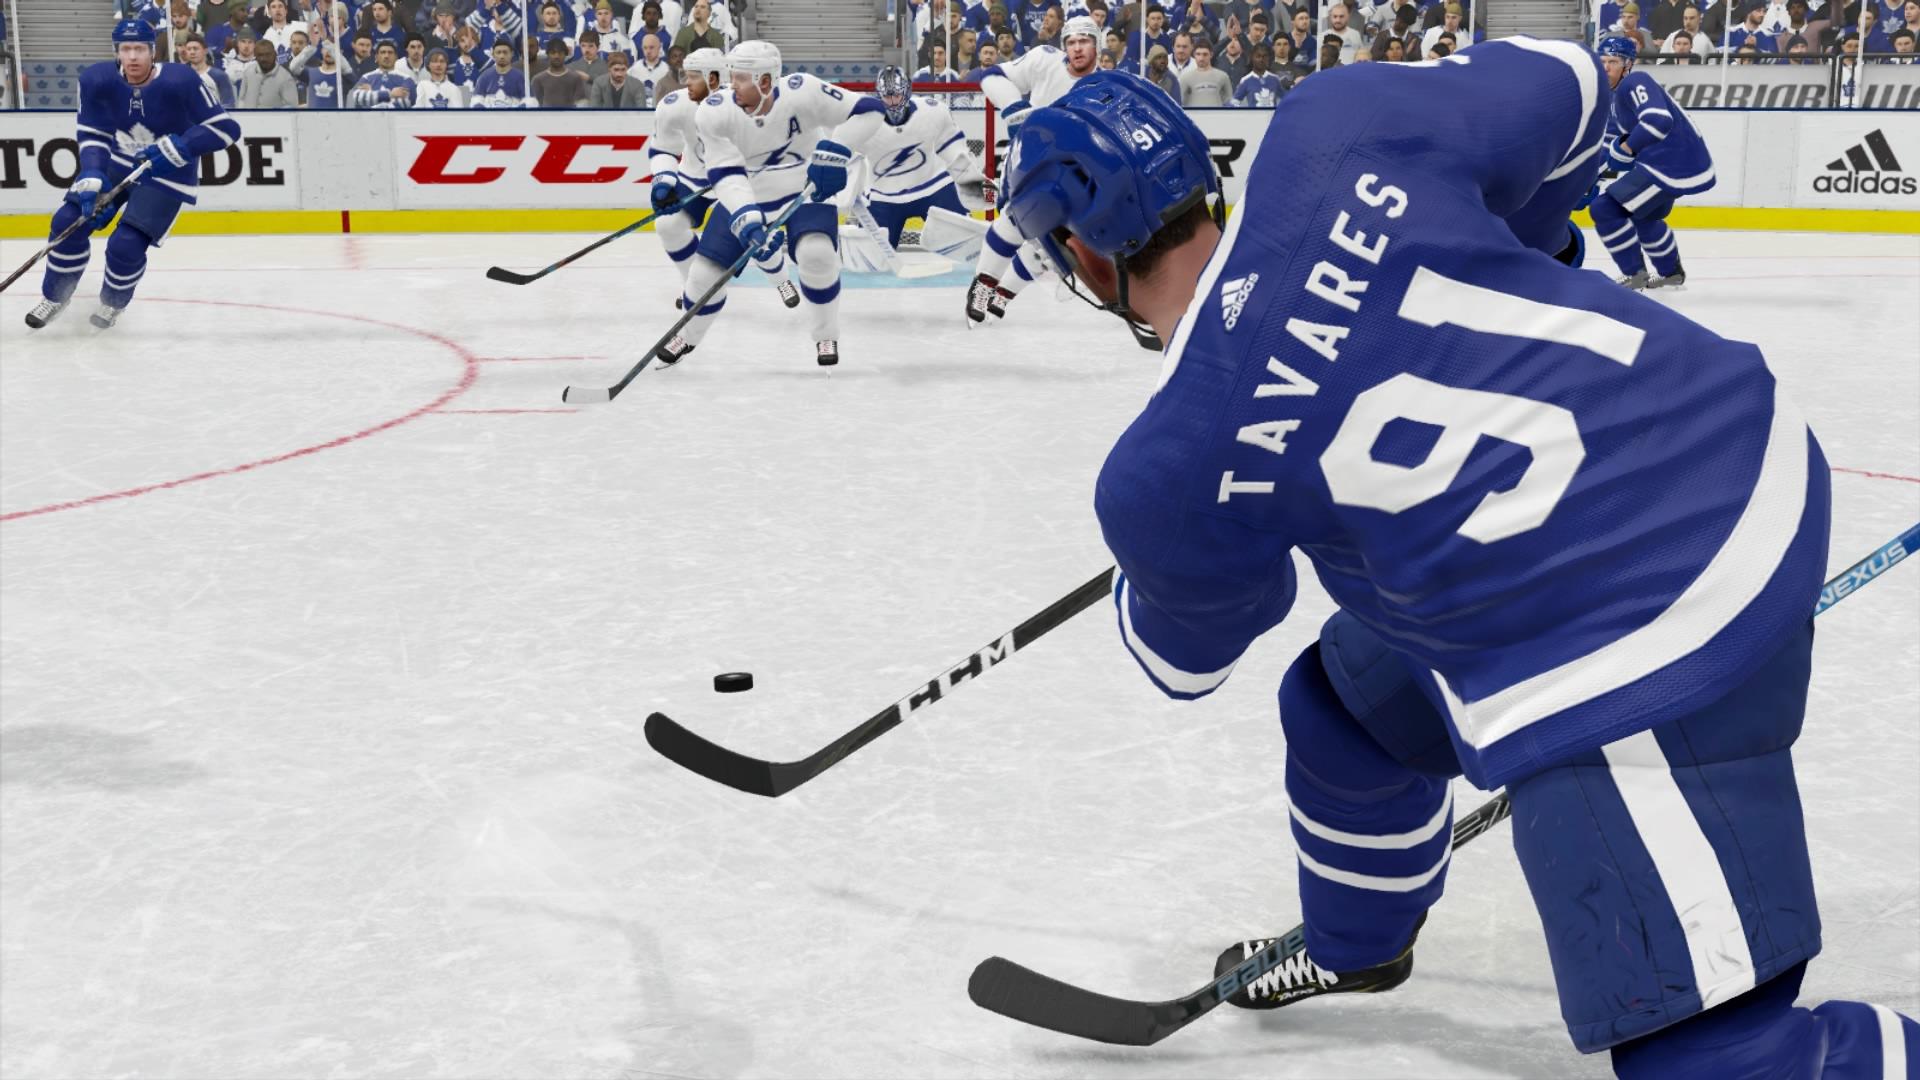 NHL 19 season sim: Who wins the 2018 - 2019 NHL Stanley Cup?